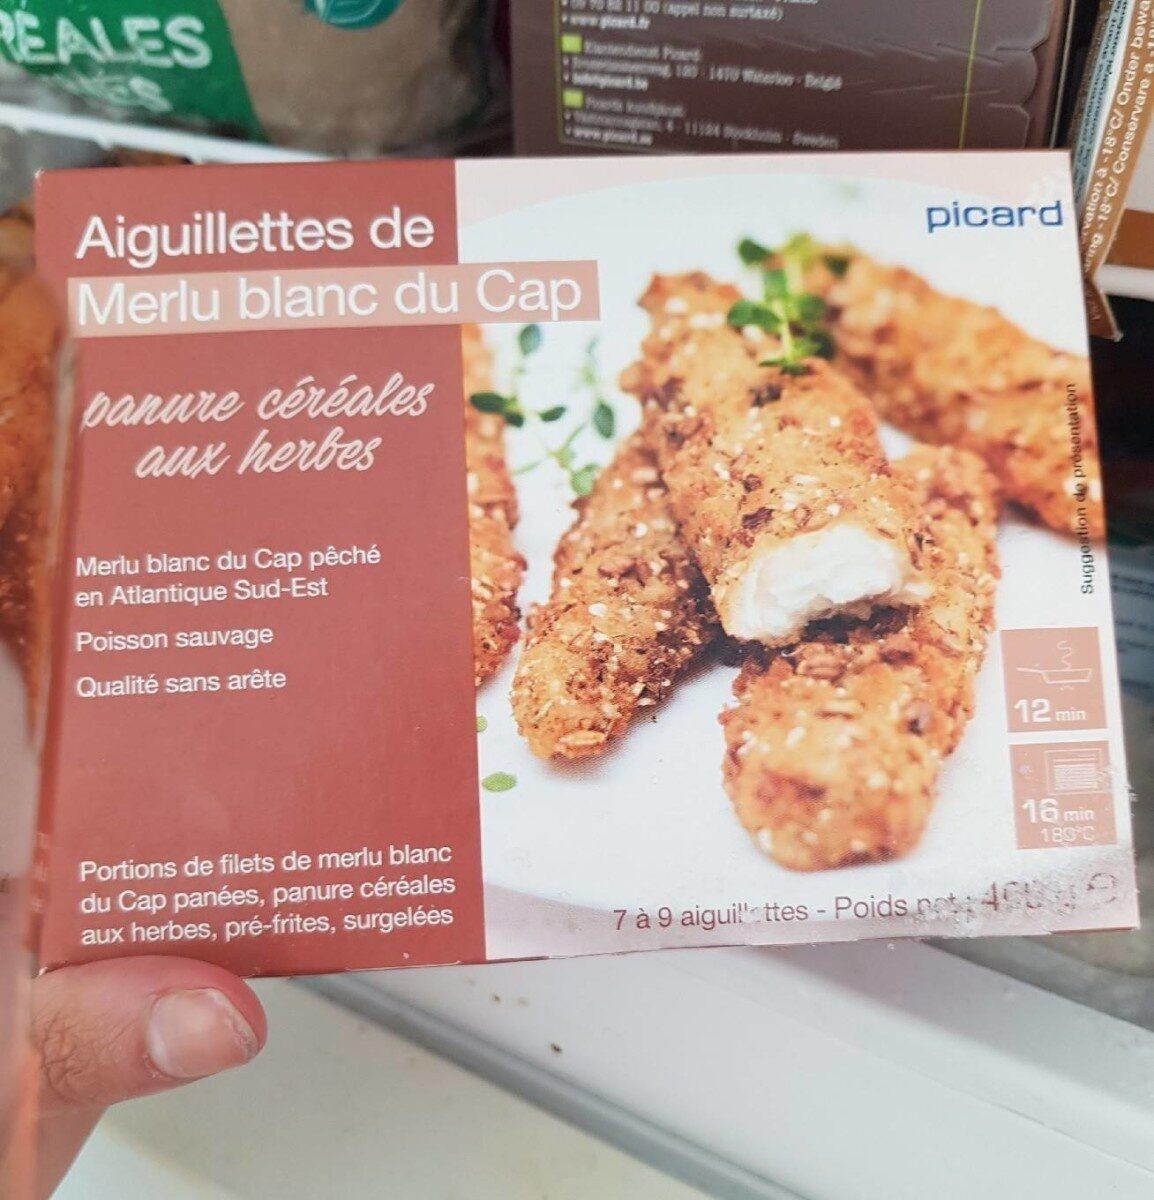 Aiguillettes de Merlu Blanc du Cap - Product - fr